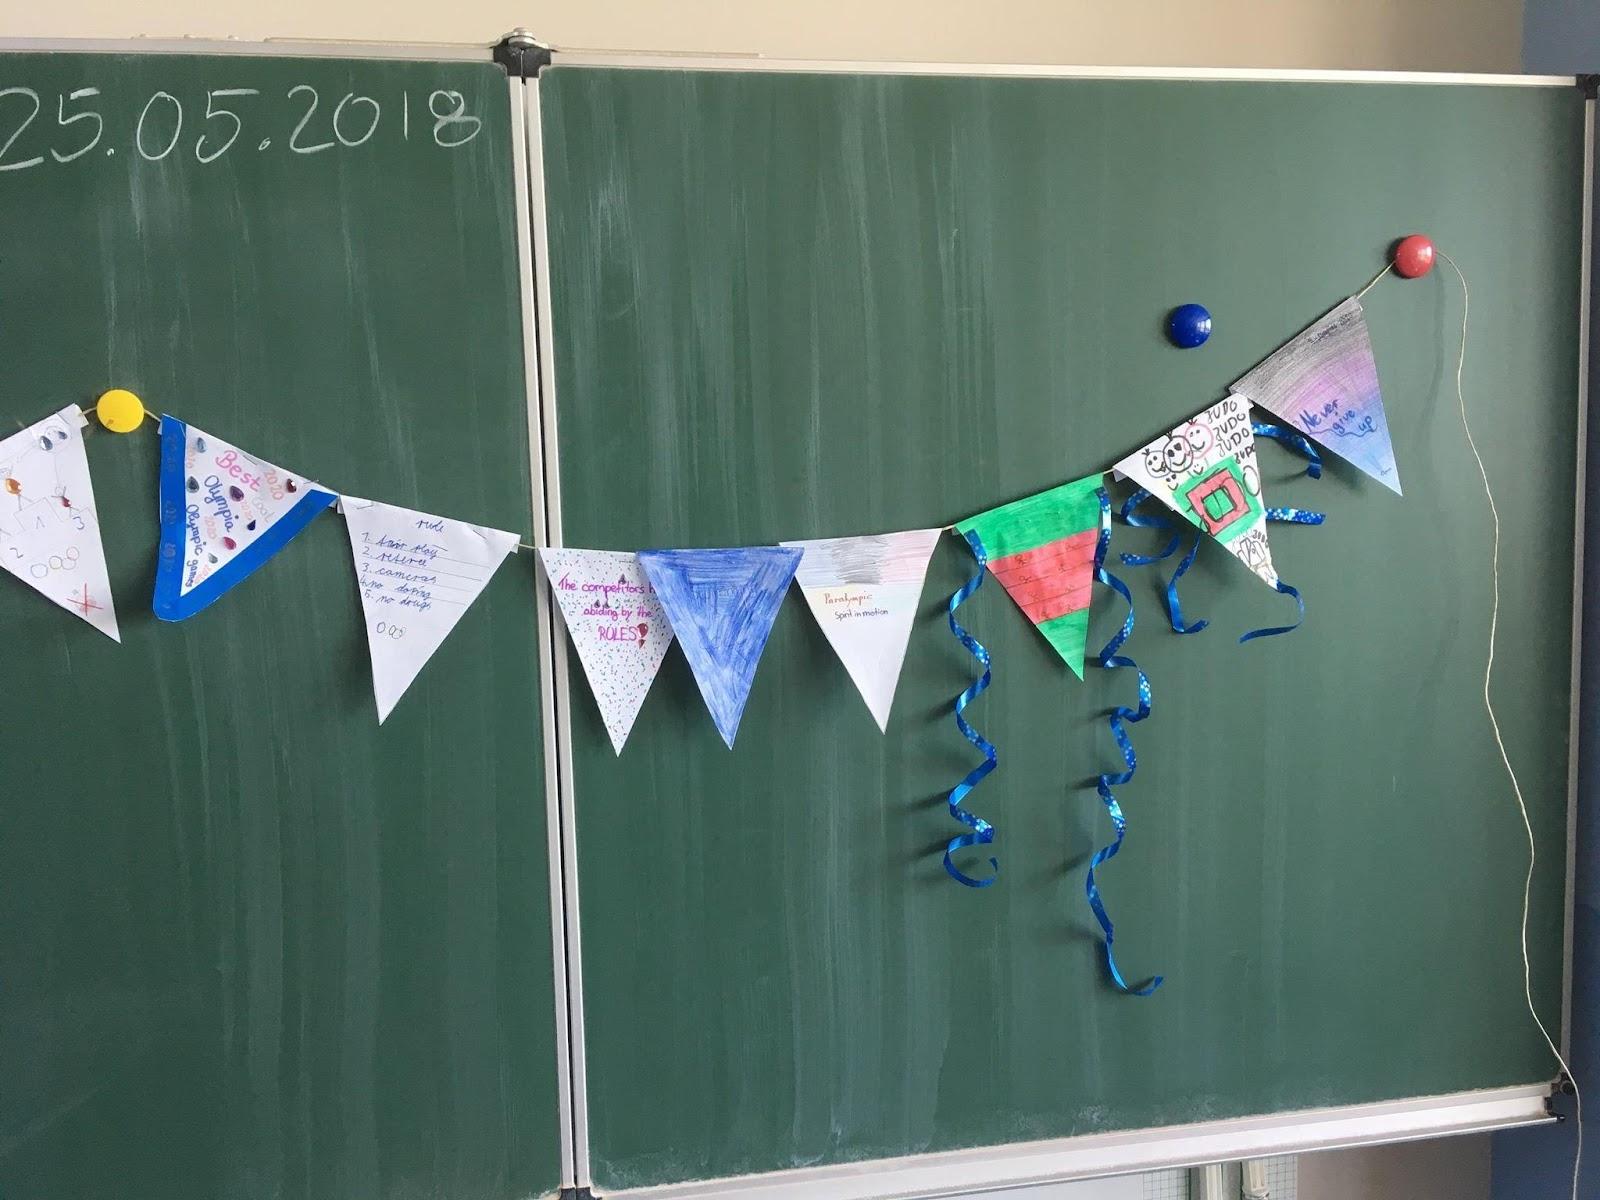 C:\Users\feldtmanna\Desktop\USB Stick Frau Kuty\Boddenschule Klasse 6 2018\Boddenschule Fotos\Tag 3\34847775_1831745333535218_448892703124488192_n.jpg